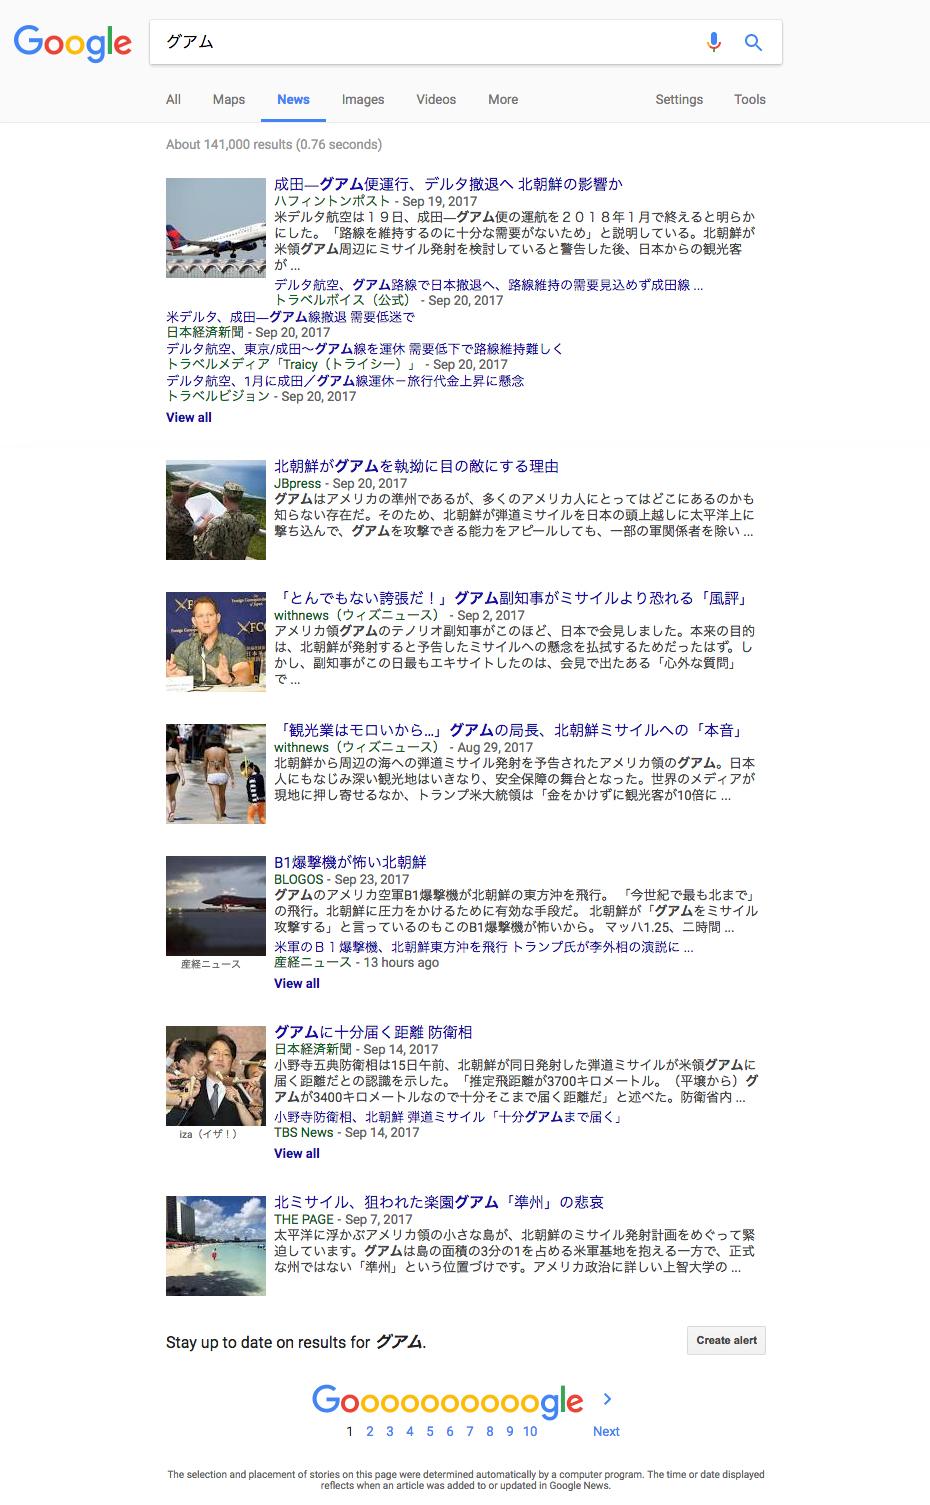 ニュースの検索結果 グーグル グアム